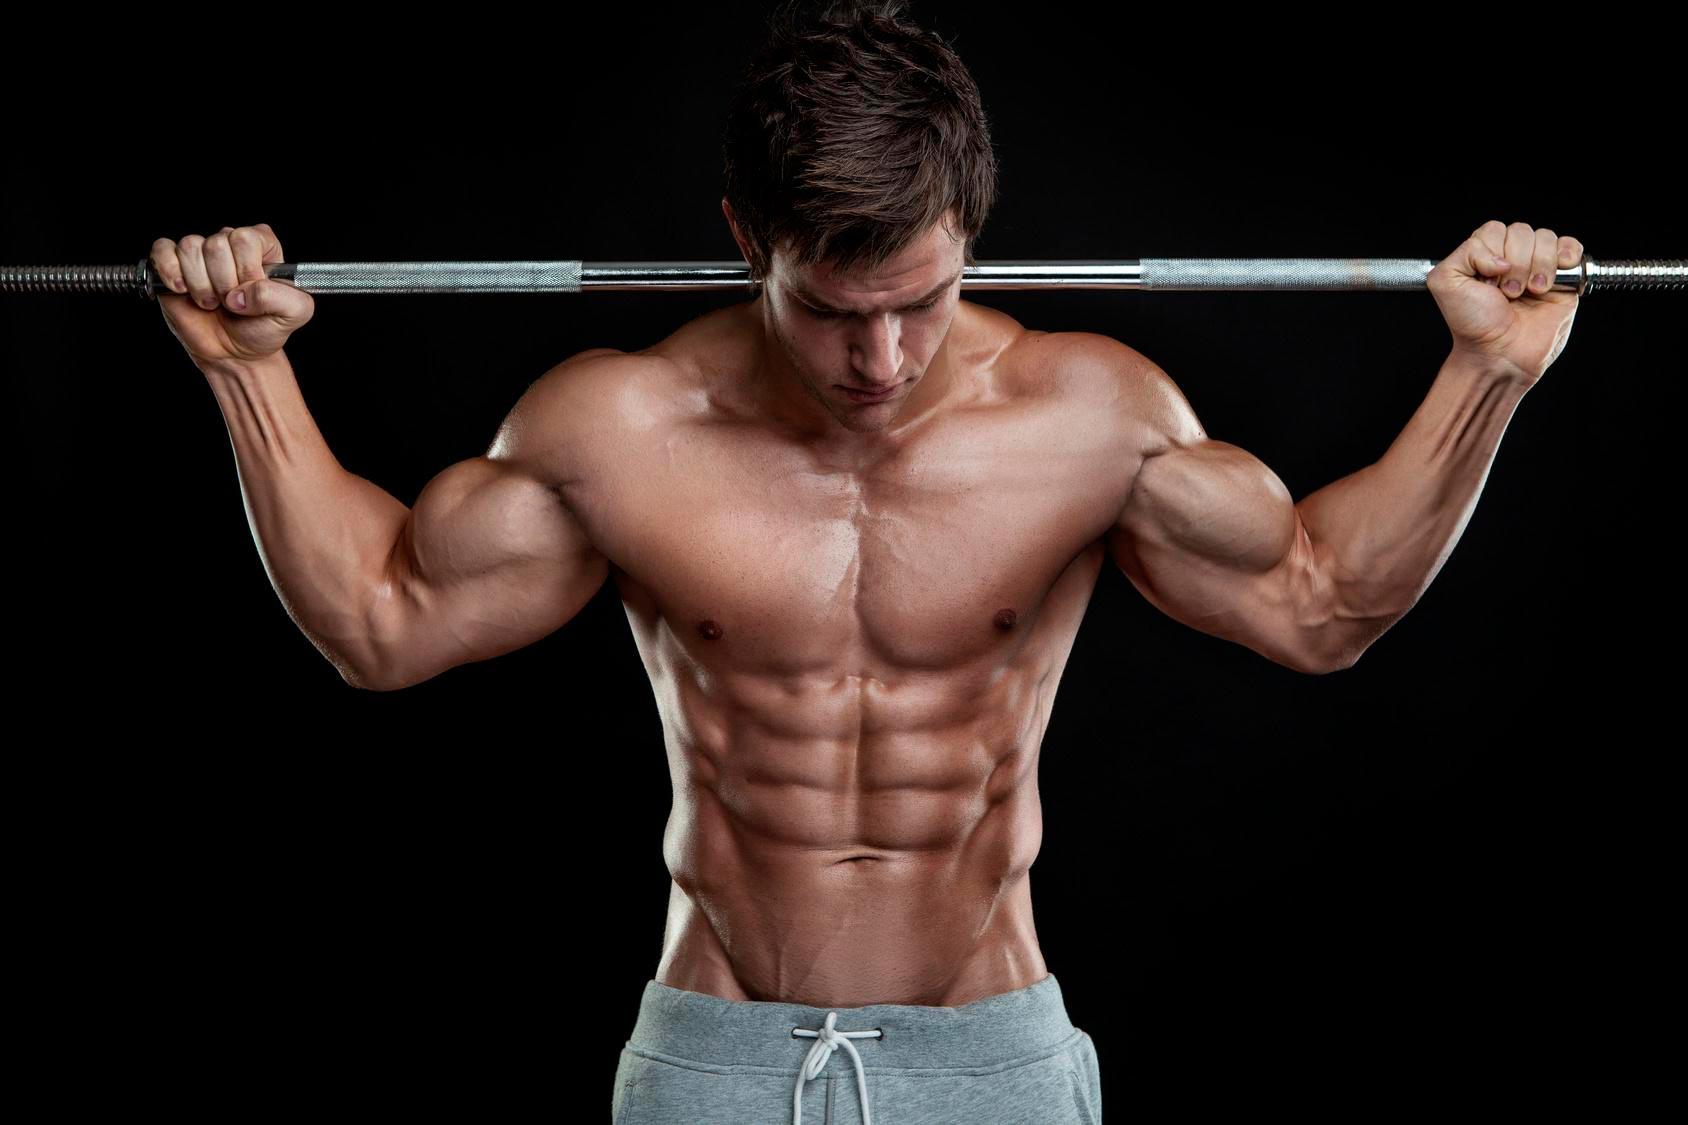 Питание для набора мышечной массы для девушек: составление диеты и пример меню на неделю для роста мышц для женщин